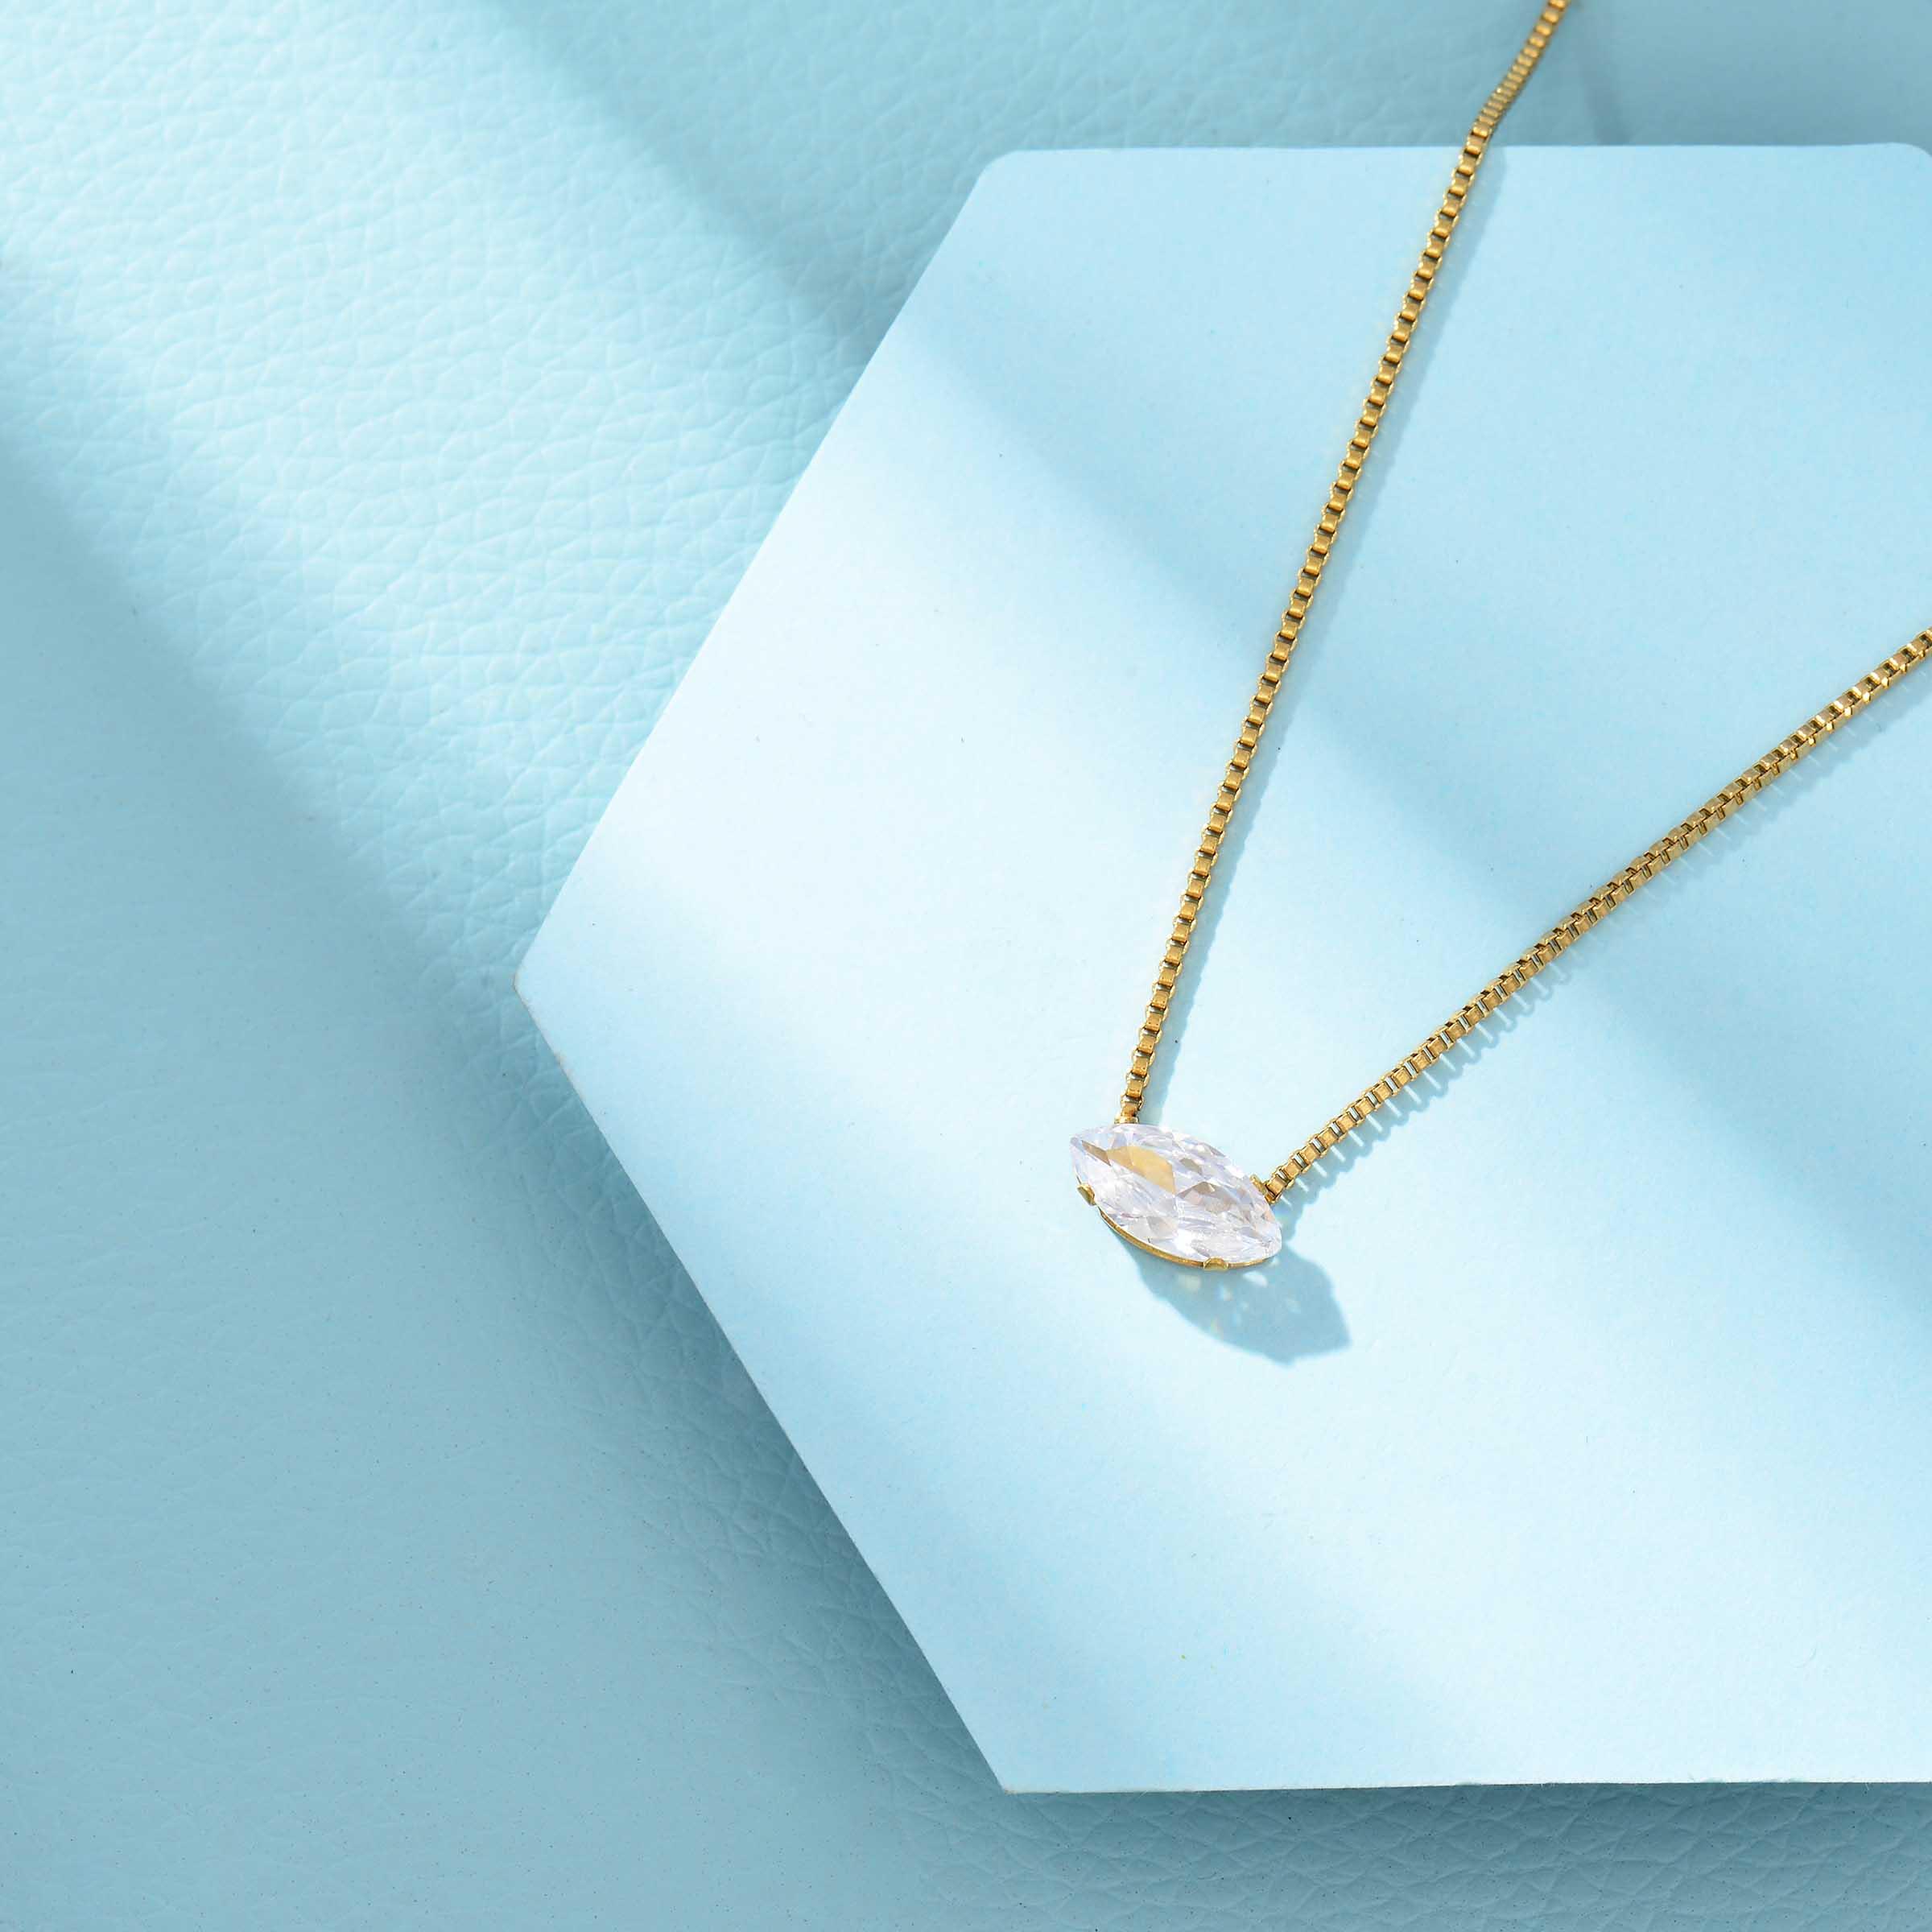 Collares de Acero Inoxidable para Mujer al por Mayor -SSNEG143-33863